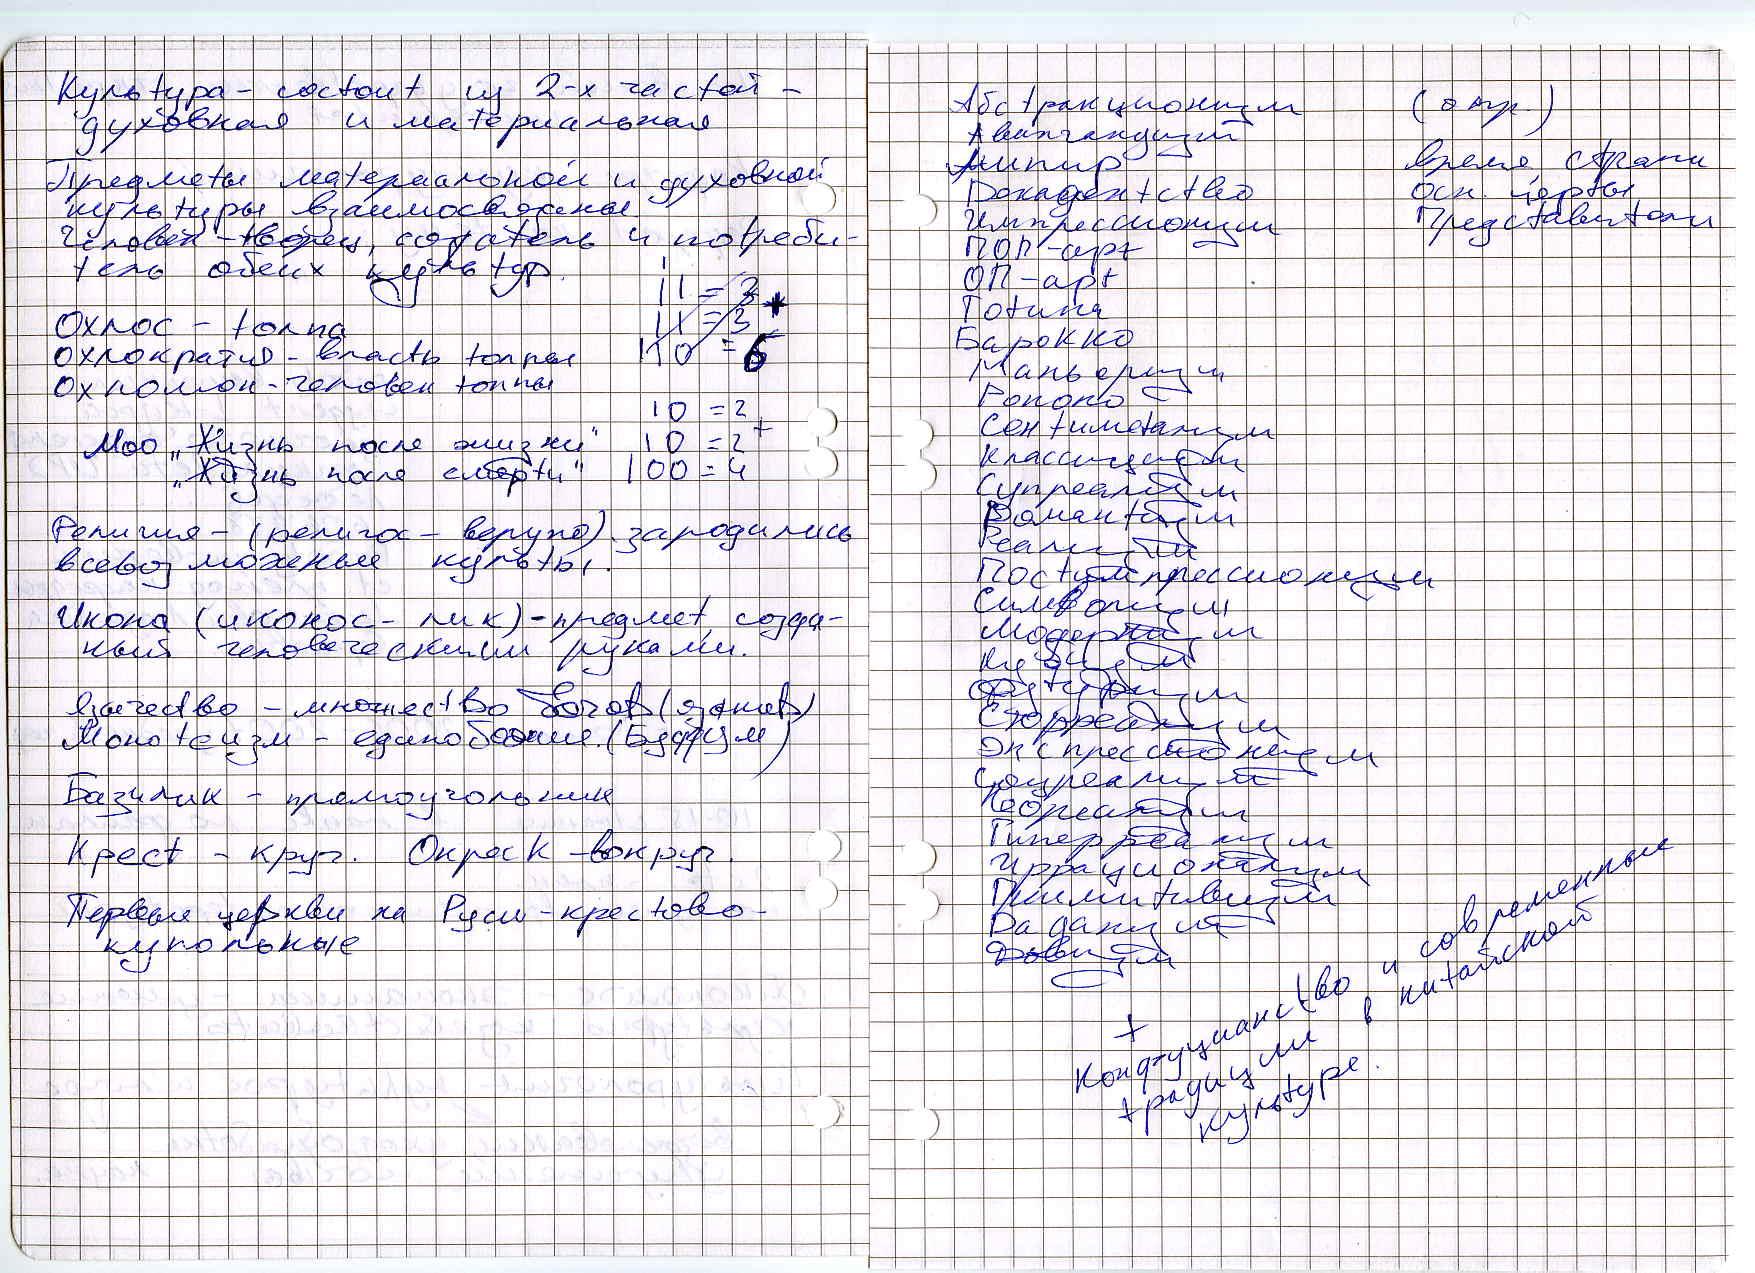 ответы к экзамену по отечественной истории 1 курс 2 семестр